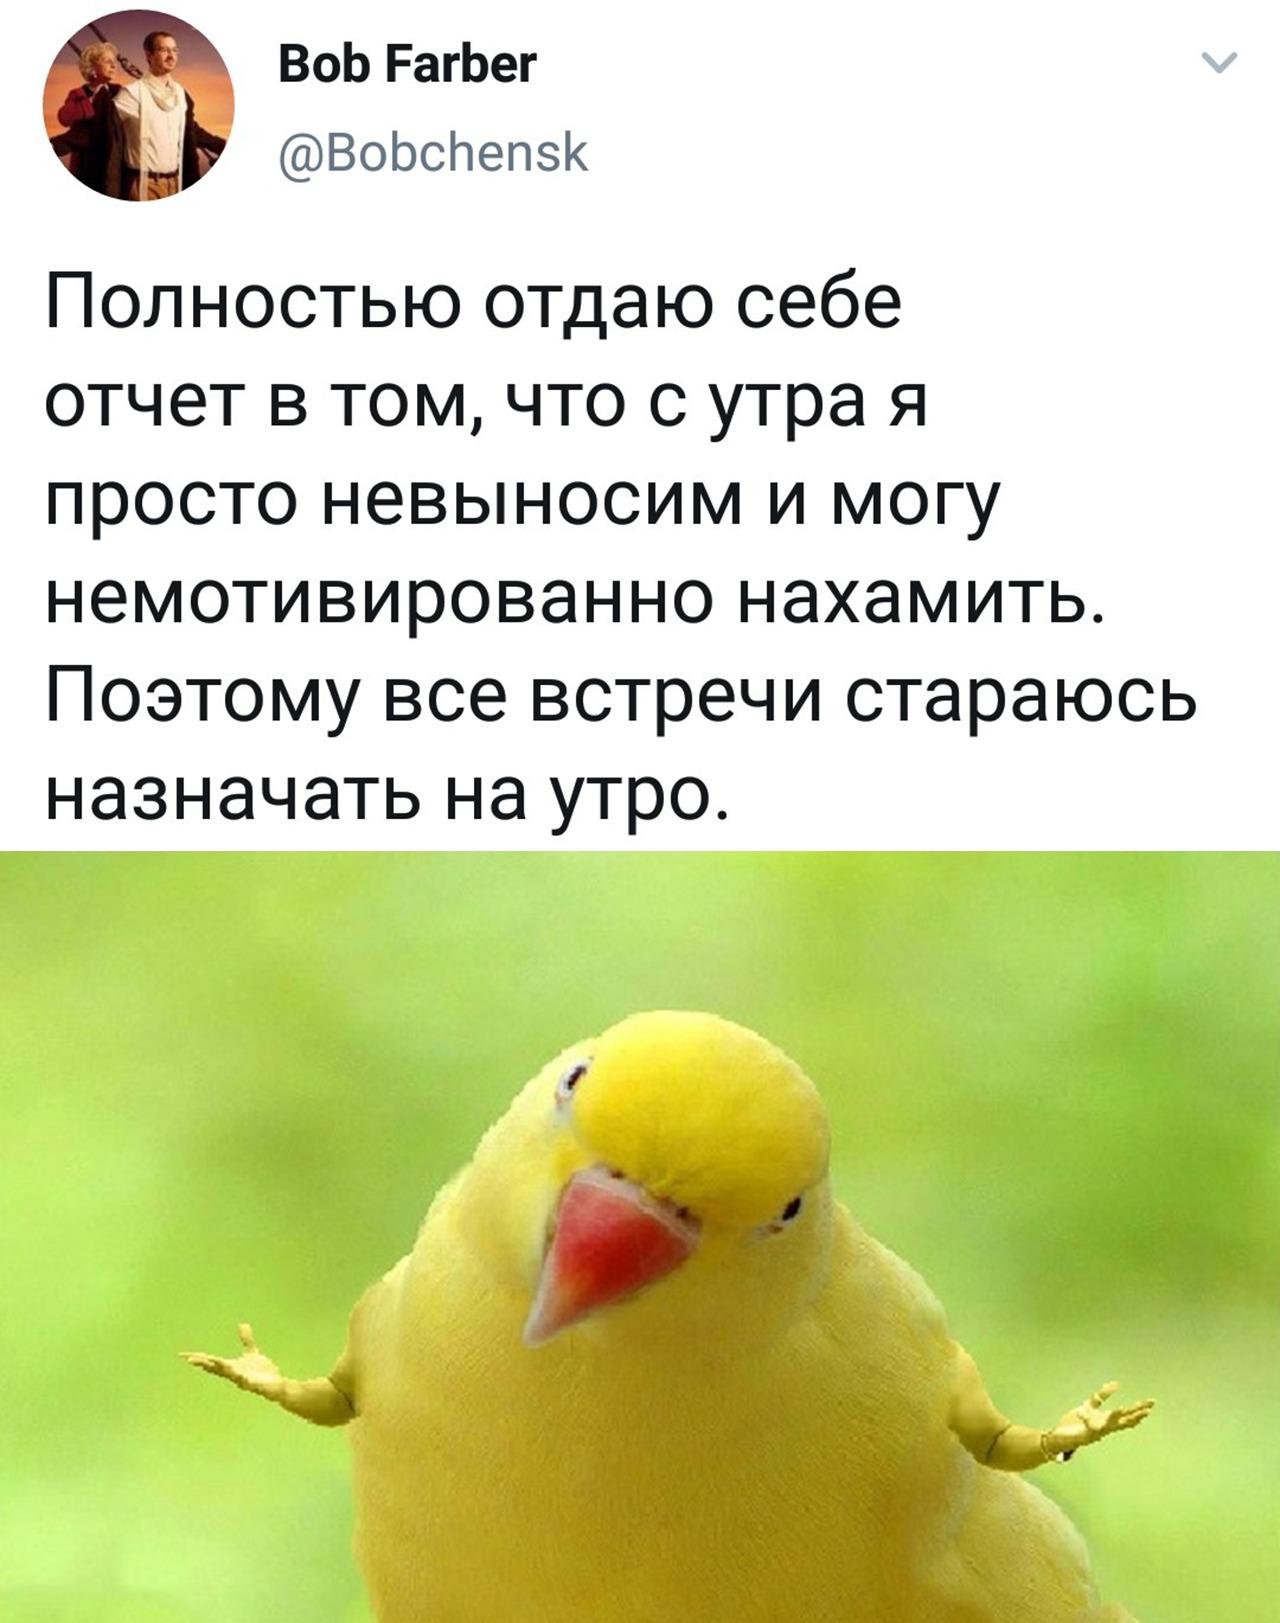 https://sun1-20.userapi.com/c543107/v543107855/568fd/wCwIOpOPGd4.jpg